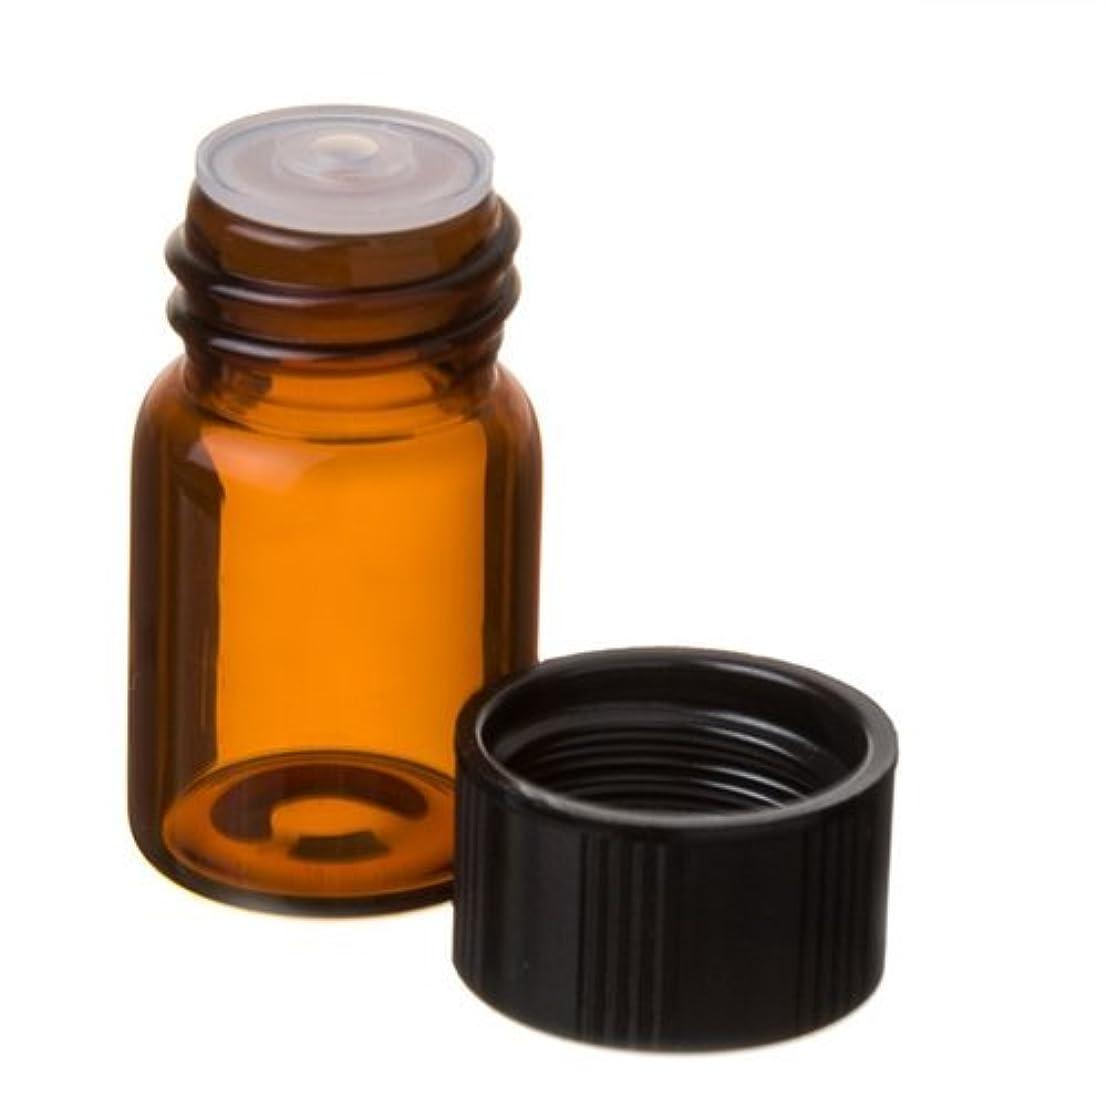 孤独な豊かな首謀者5/8 Dram AMBER Glass Vial with Dropper Top for Essential Oils - Screw Cap w/Orifice Reducer - Pack of 12 Bulk Lot 2.3ml Each by Grand Parfums [並行輸入品]